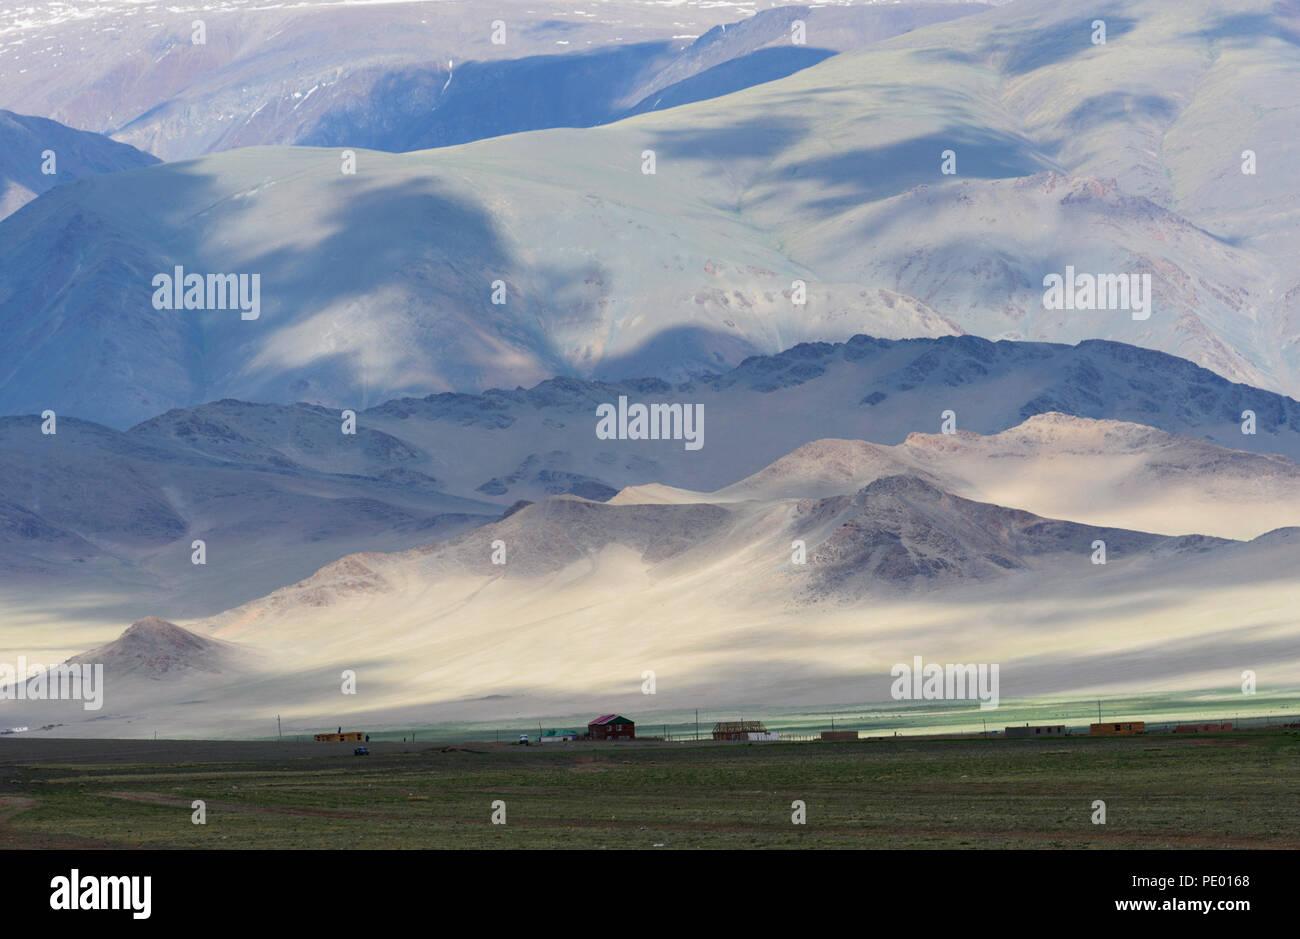 Paesaggio della provincia Bayan-Ölgii, Mongolia. Immagini Stock